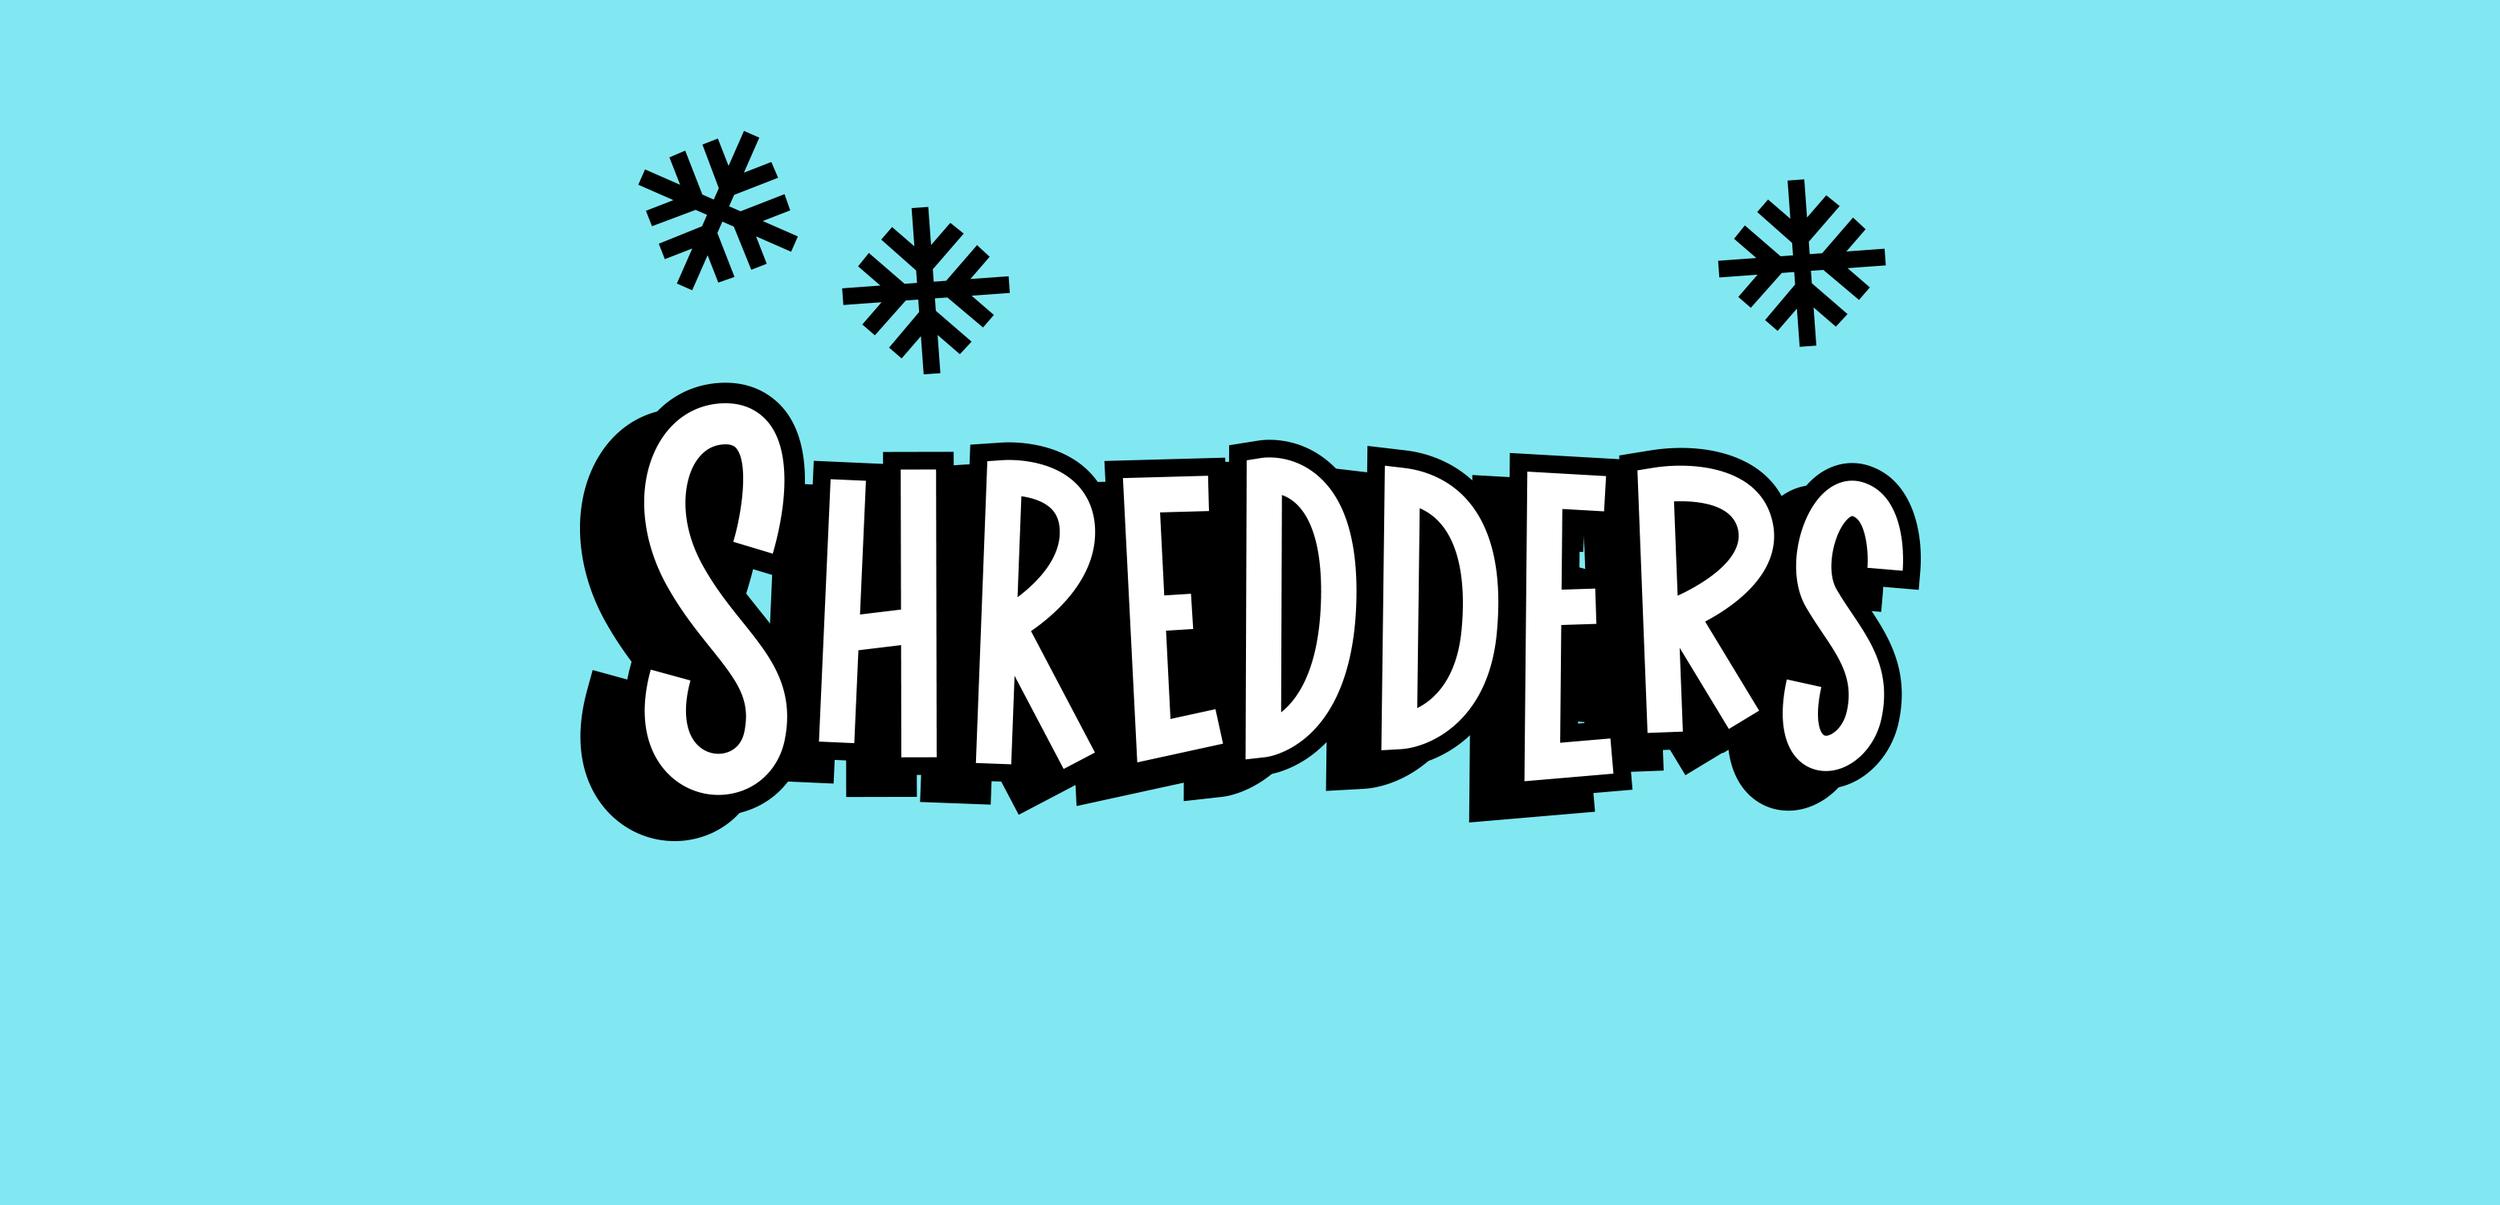 MTV-shredders-logo-long-v7.png